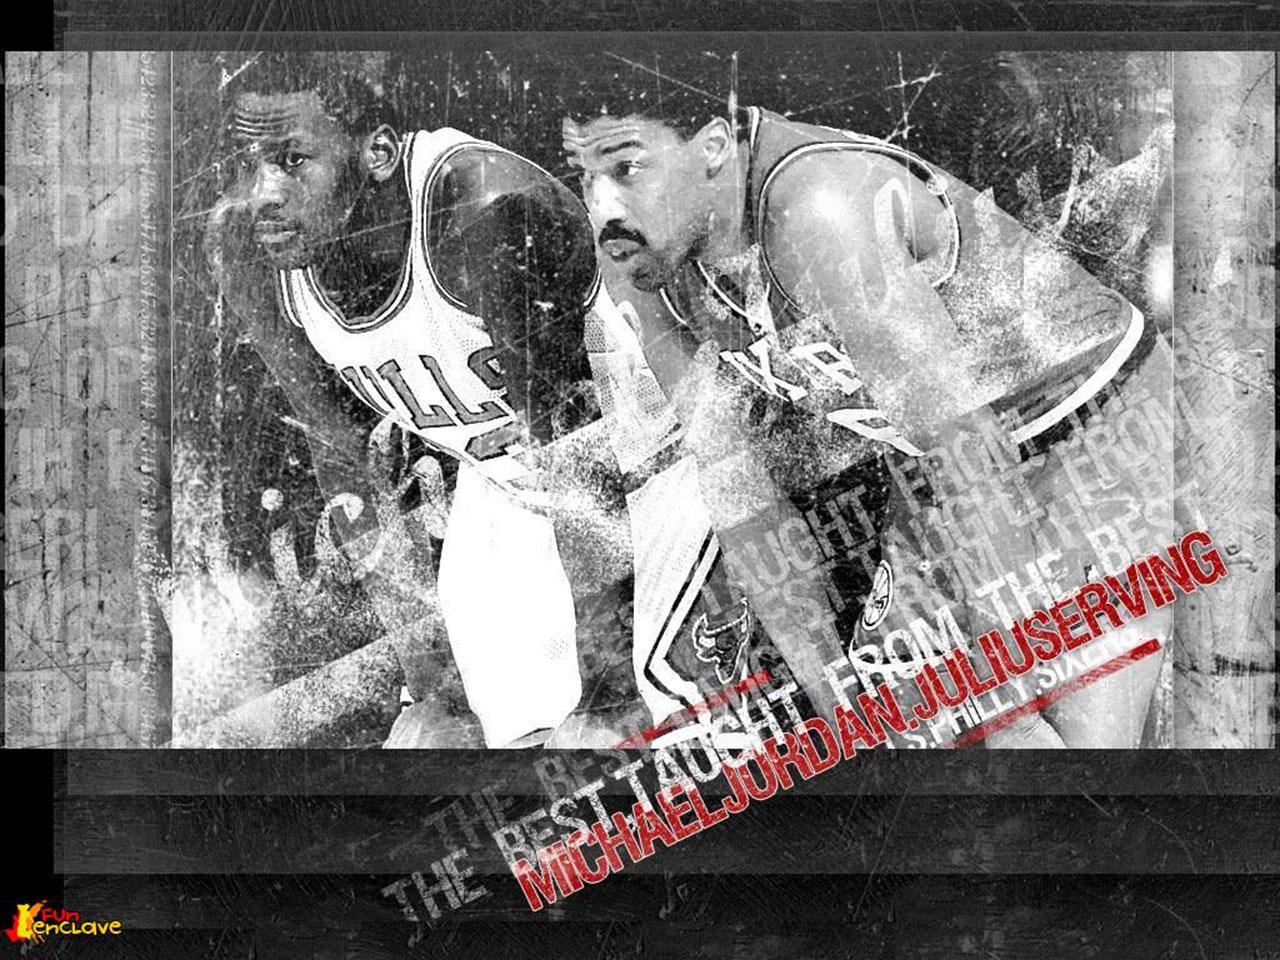 http://4.bp.blogspot.com/-sa7juQ7OUy0/Ta77r0hAnII/AAAAAAAAEFM/iHhduPEr3q8/s1600/Michael-Jordan-Dr-J-Wallpaper.jpg